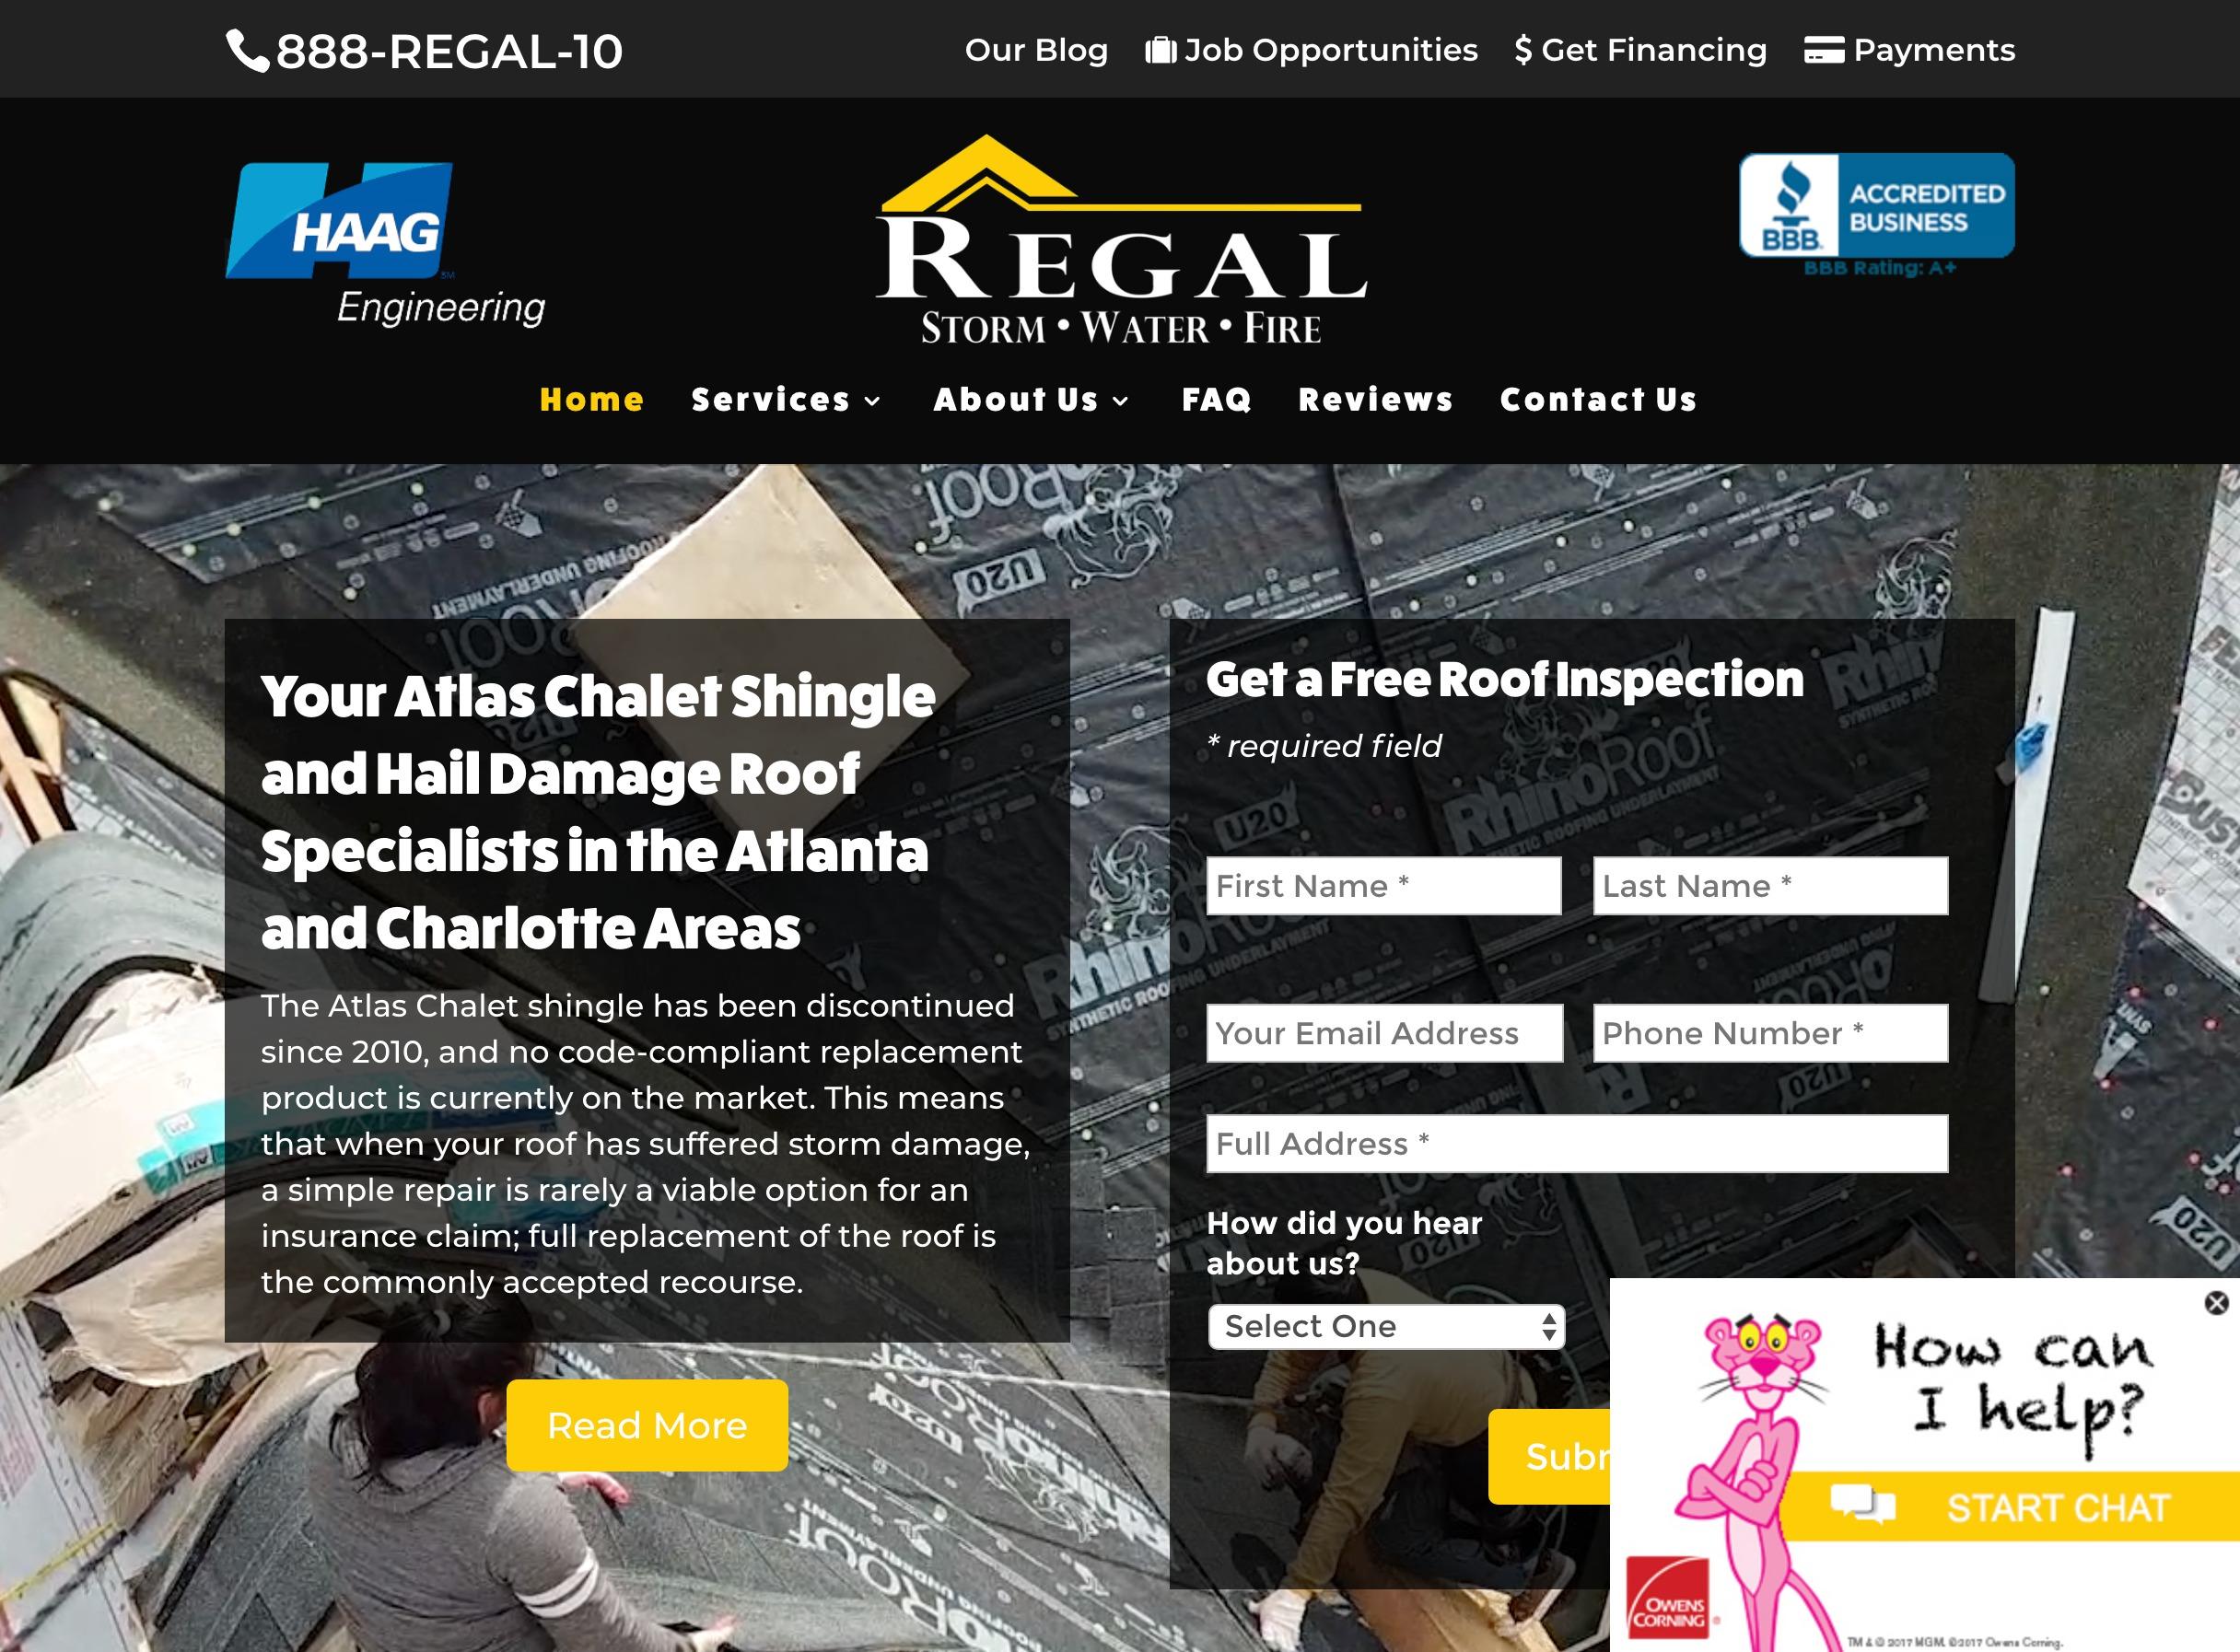 regrs-kennesaw-desktop-web-design-1